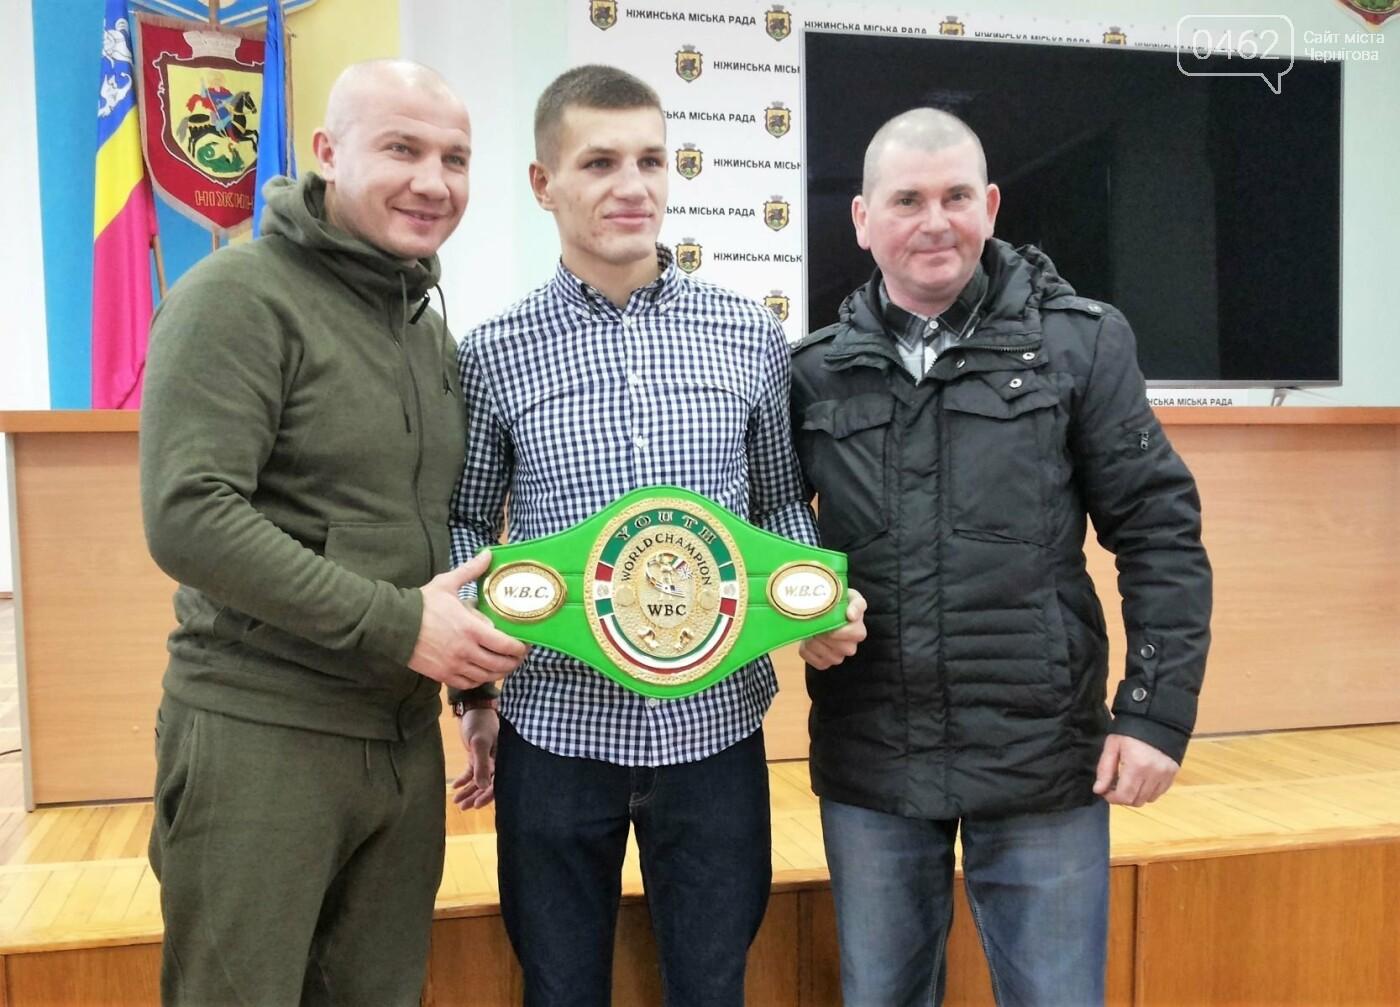 Ніжинська міська рада планує подарувати квартиру чемпіону світу з боксу, фото-1